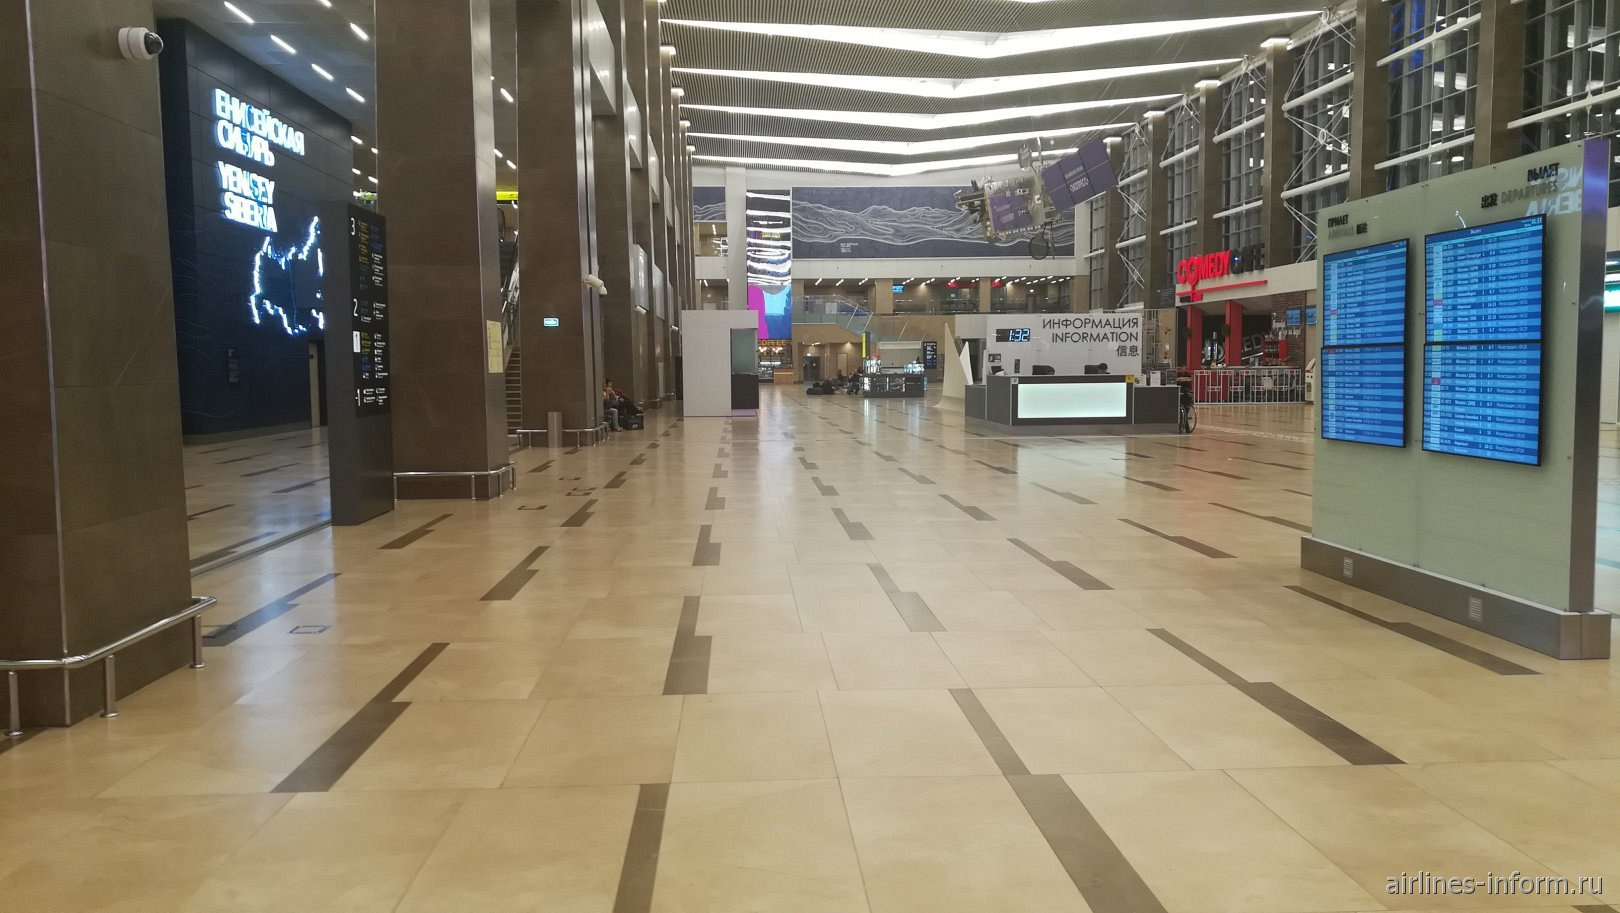 Первый этаж пассажирского терминала аэропорта Красноярск